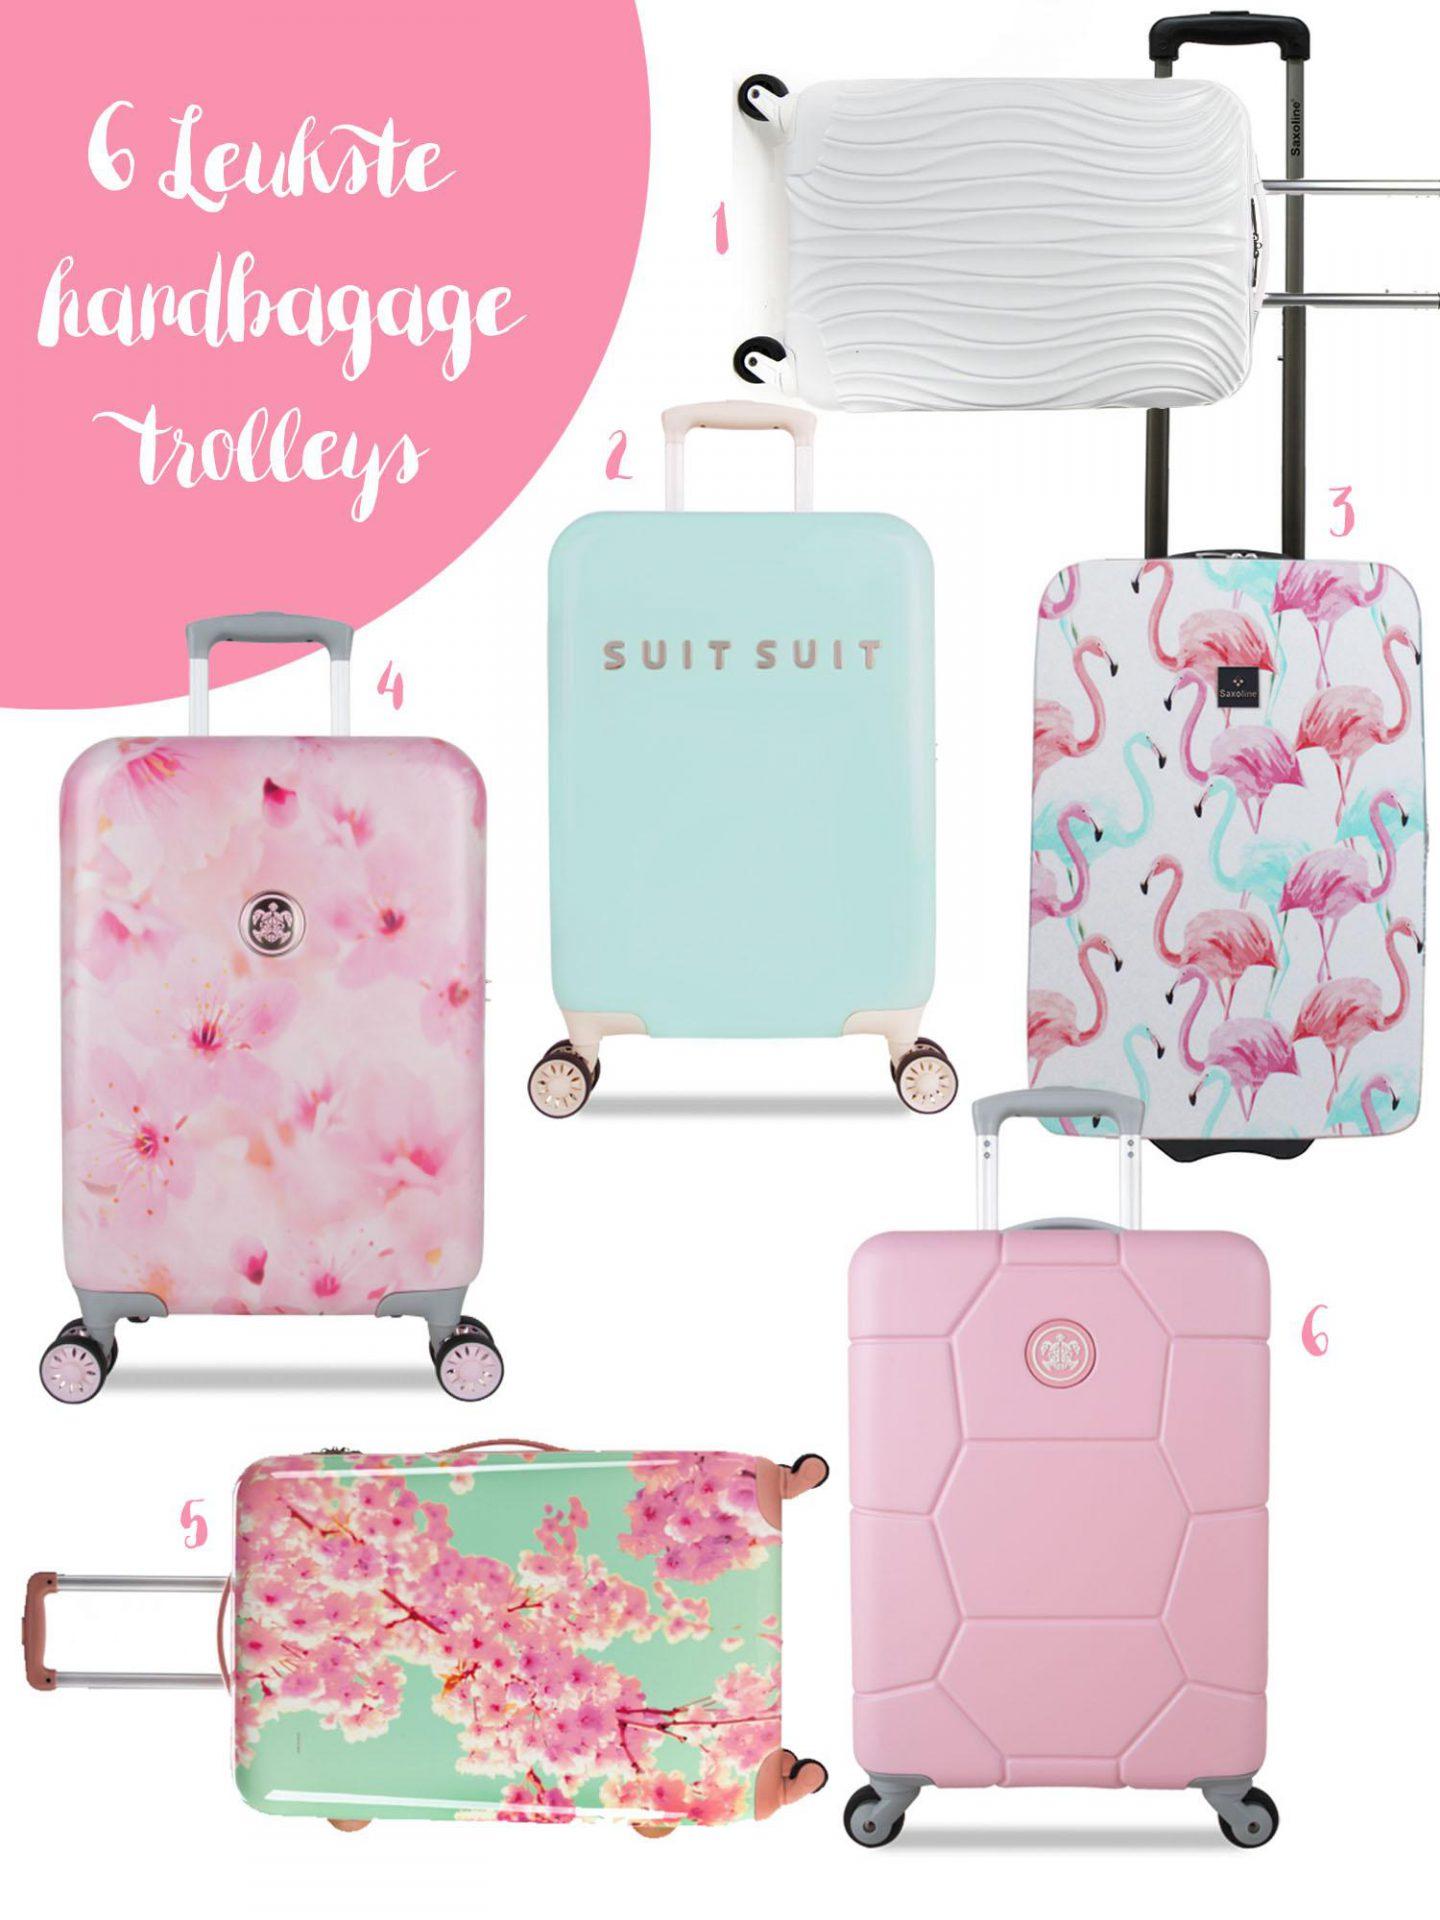 De 6 leukste handbagage trolleys